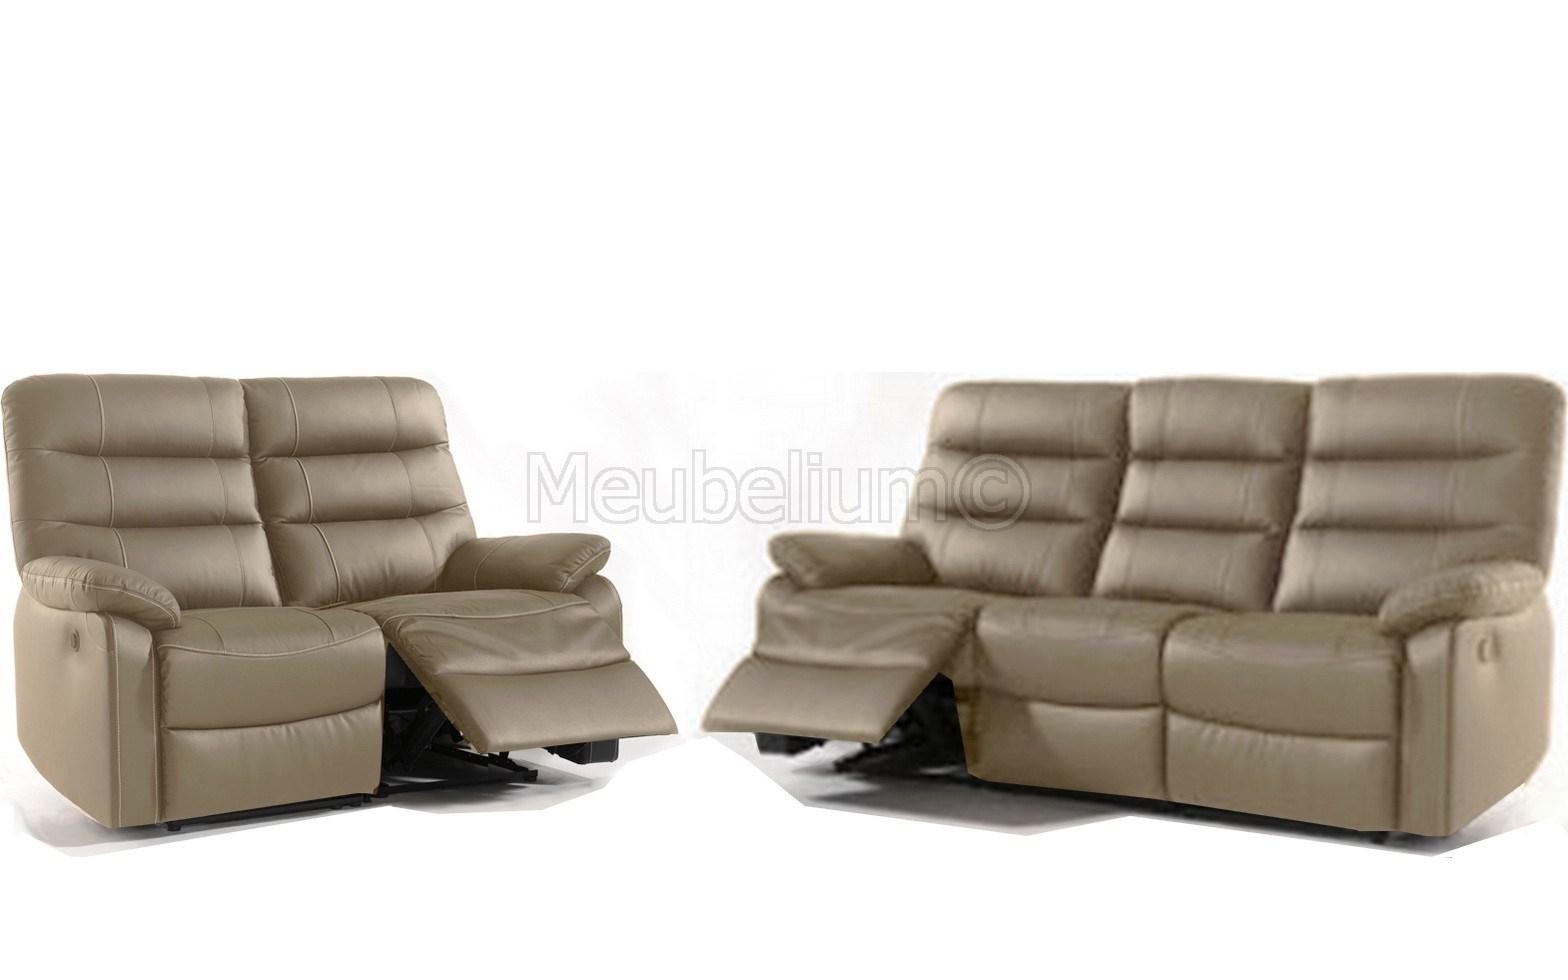 Salon Complet De Relaxation Manuel Cuir 3 + 2 Places , Coloris Taupe Silvano à Canapé Relax Électrique Ikea